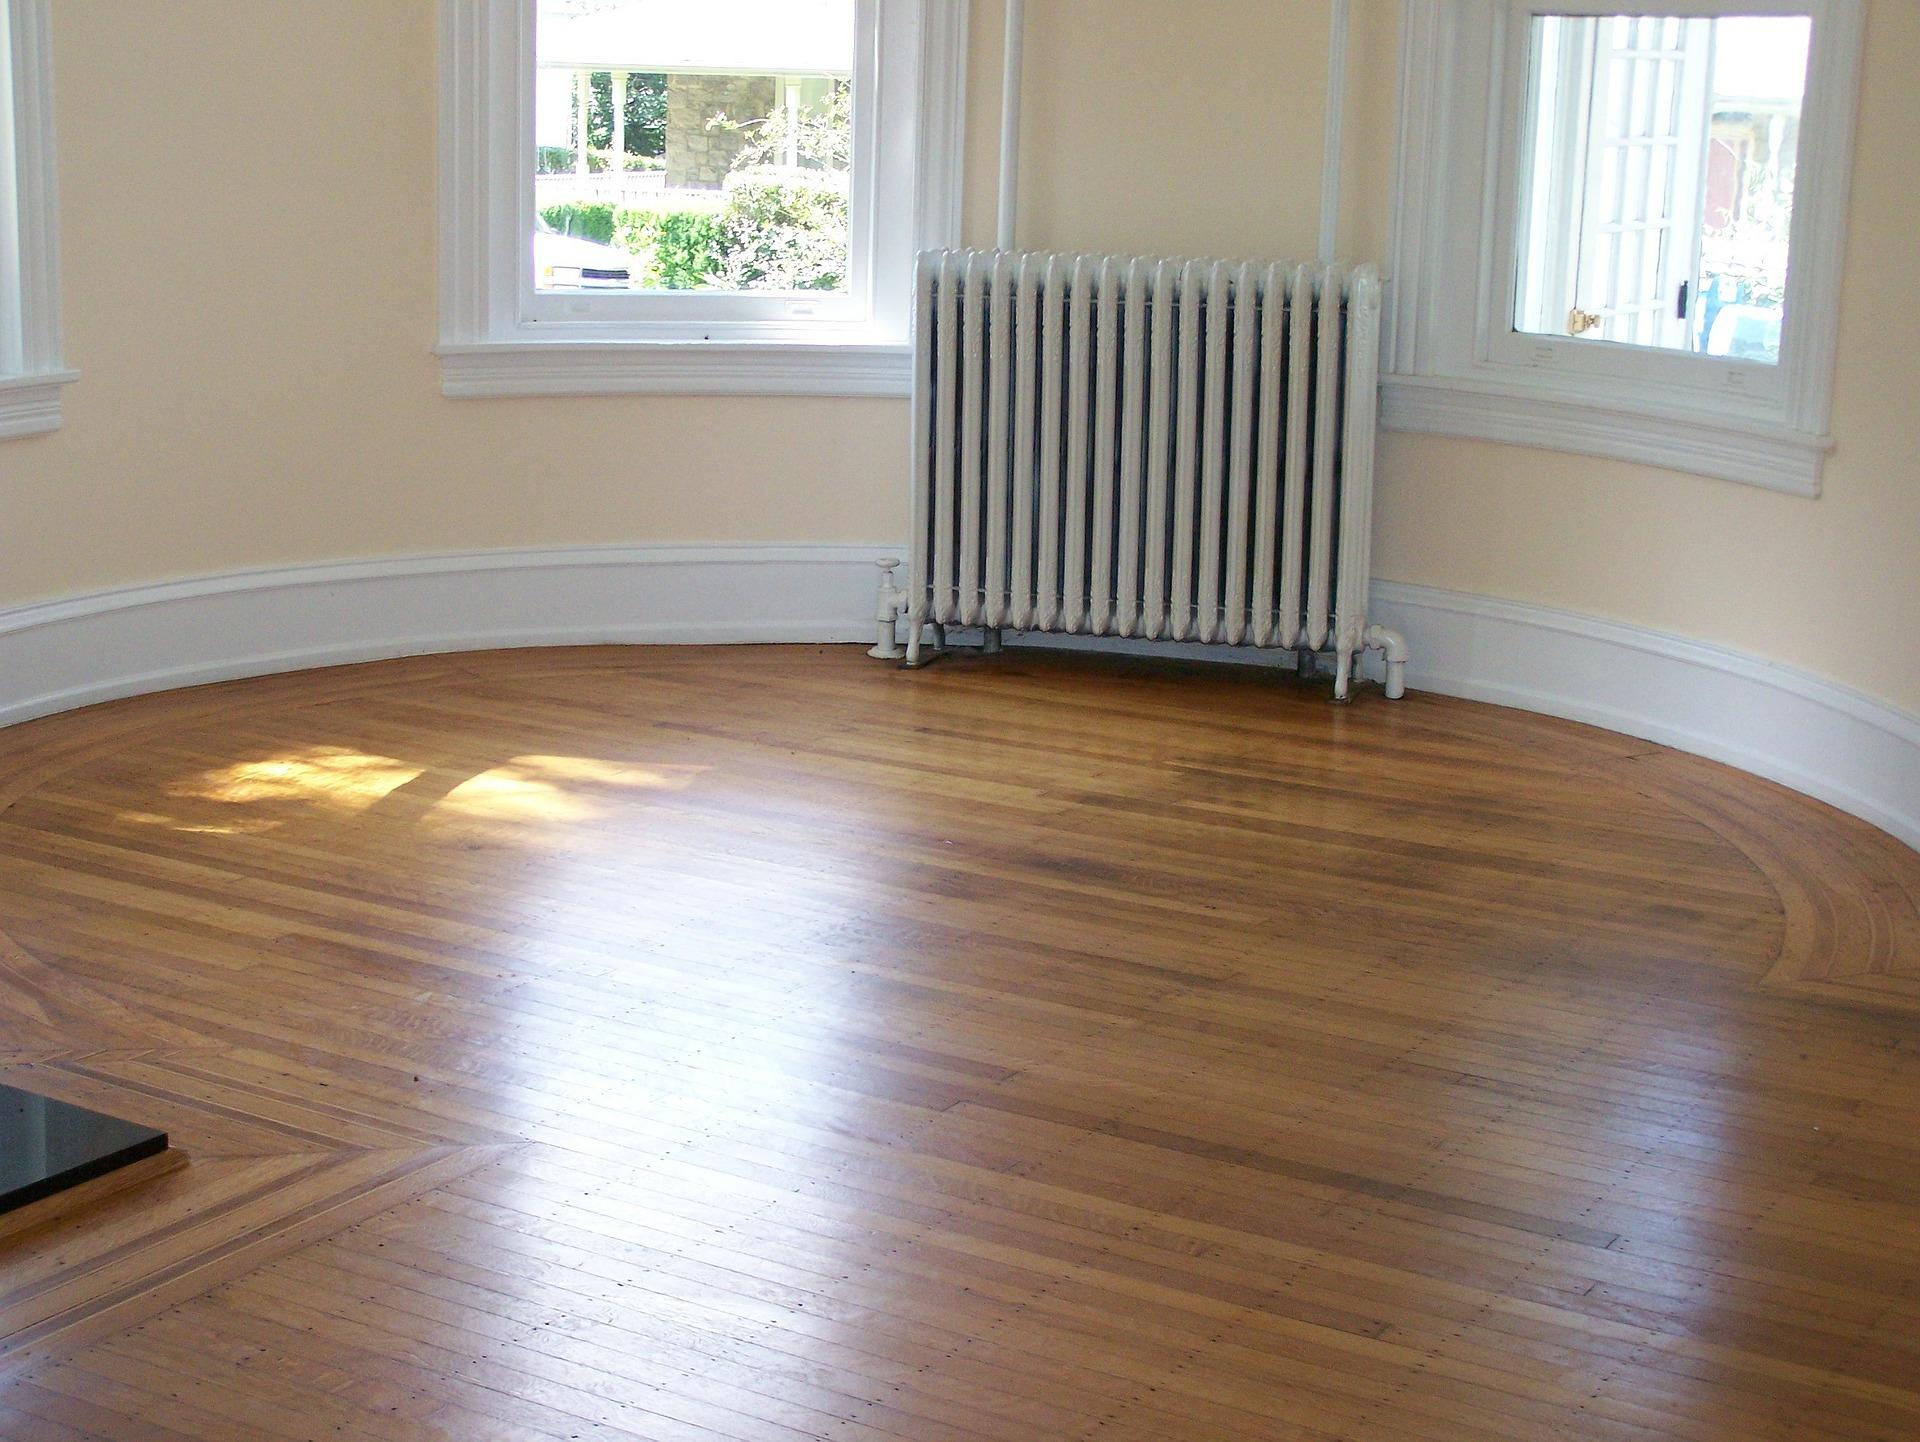 Najlepsze deski podłogowe do naszego domu